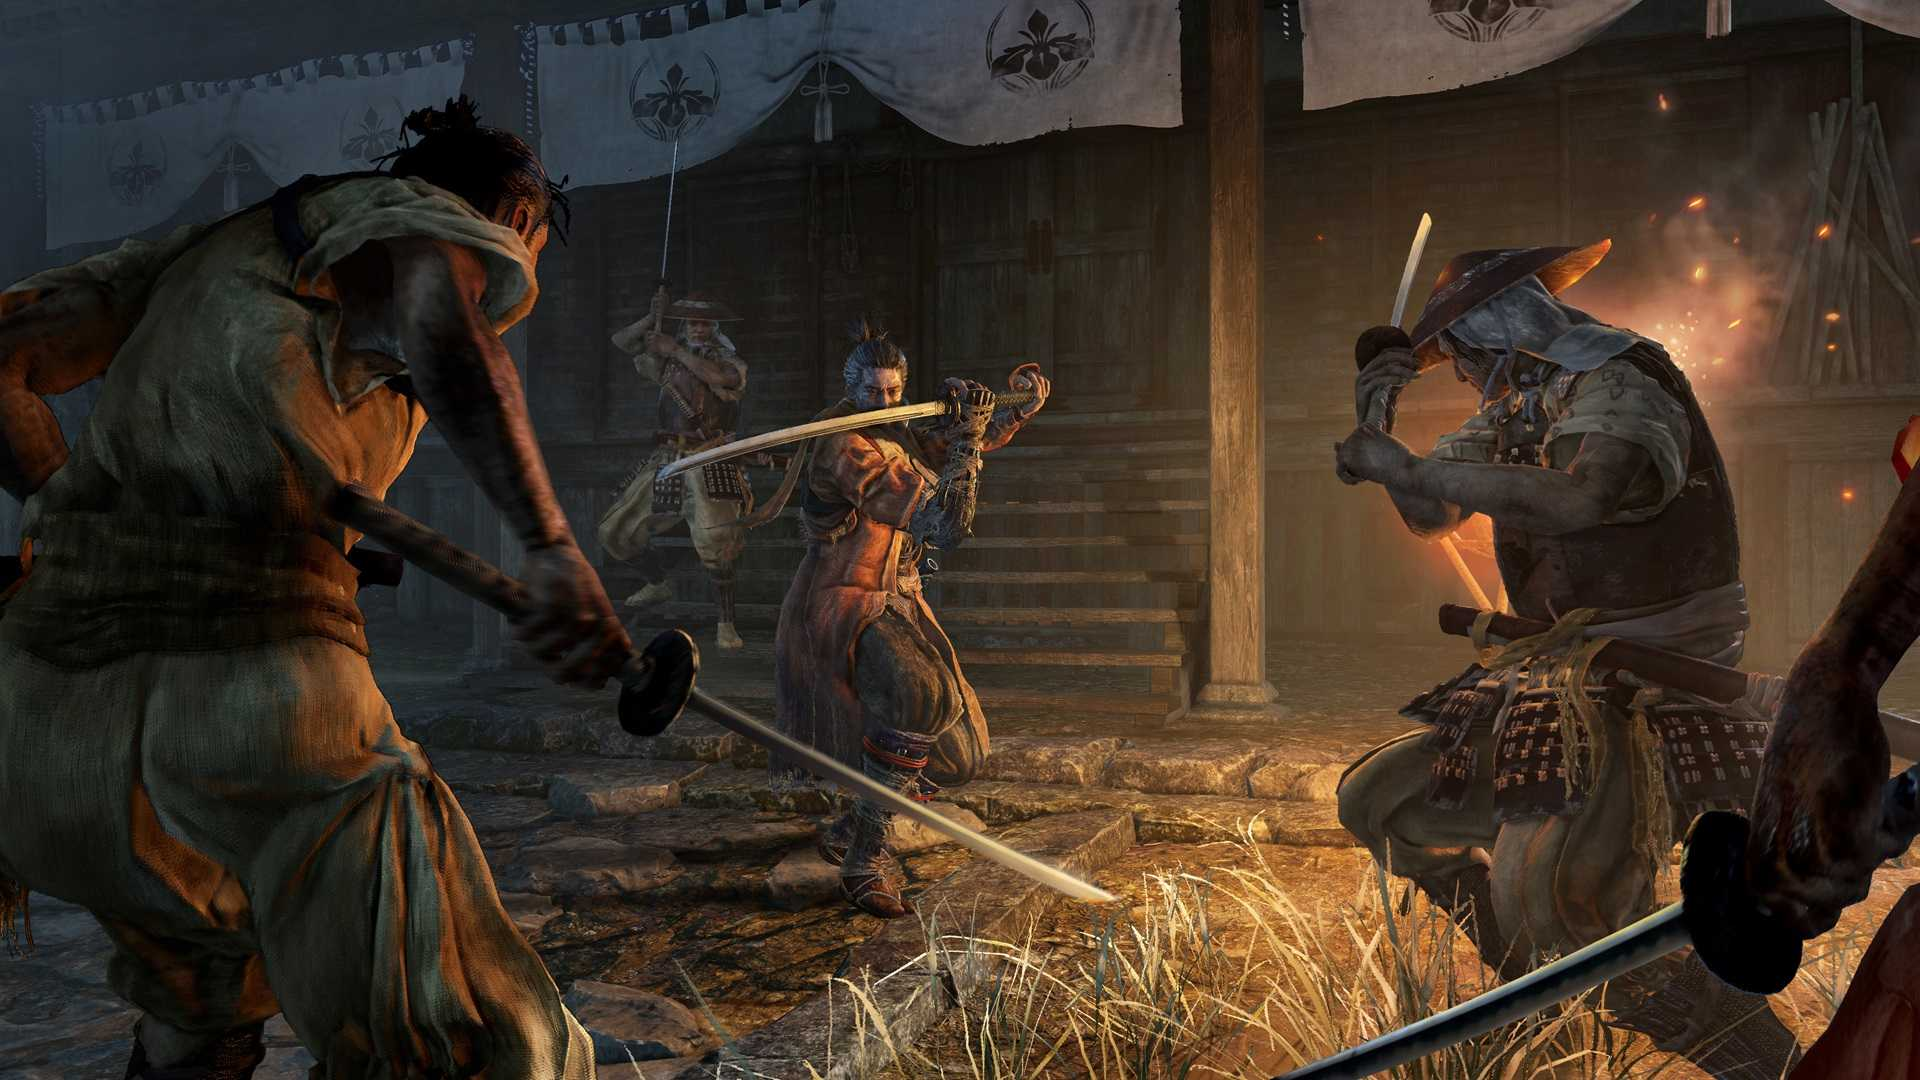 【勁多野】預購 03/22 發售 PS4 隻狼:暗影雙死 影逝二度 中文版 中英合版